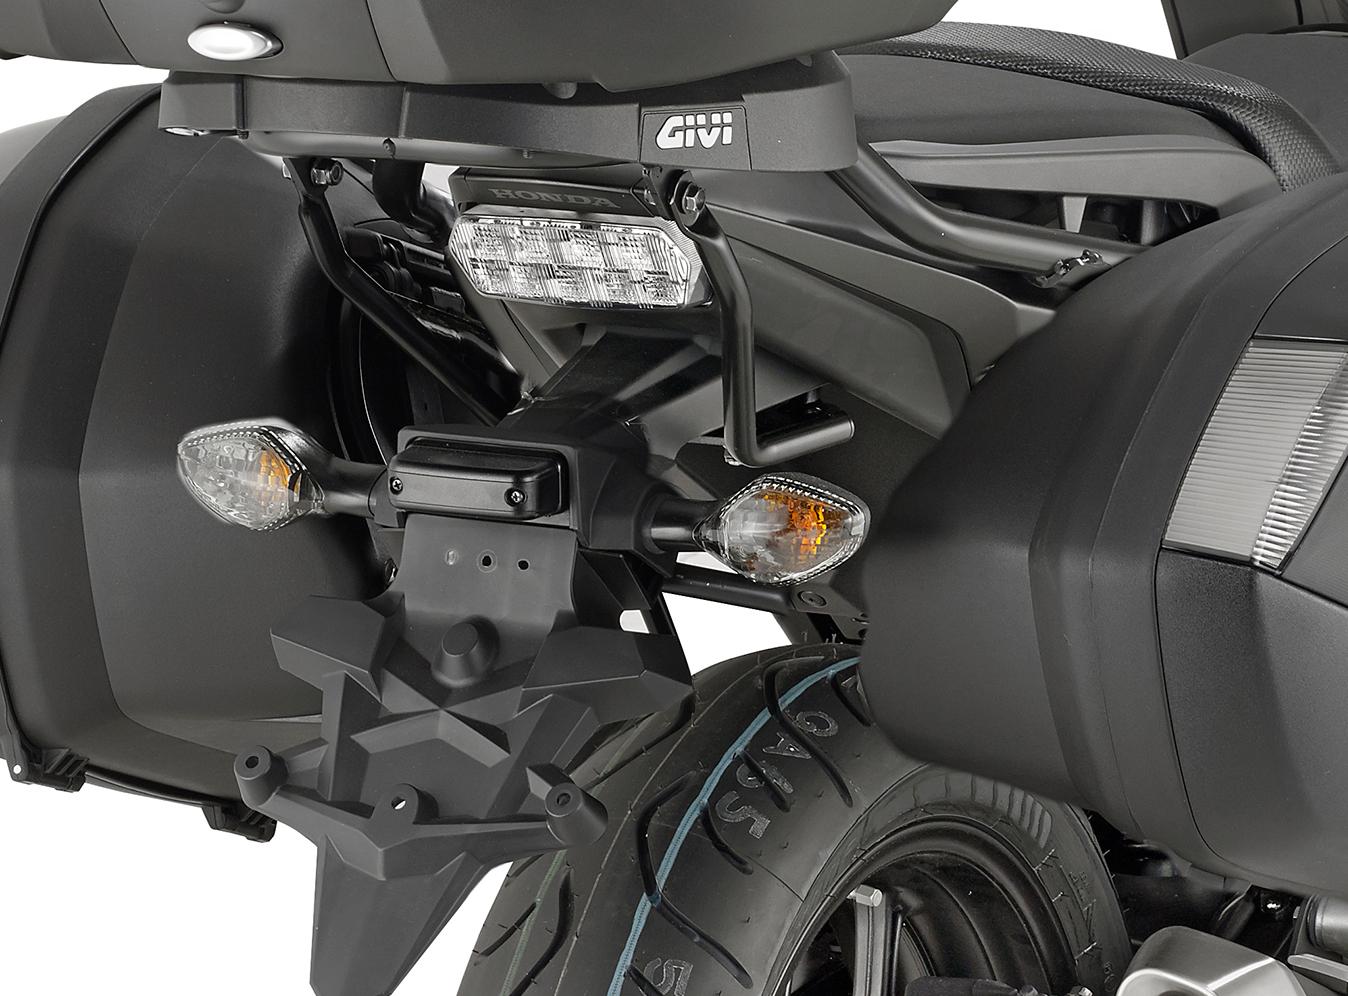 4e6ca615 Givi PLX1150 Specific Pannier Holder for V35 / V37 Monokey Side Cases for  Honda Integra 750